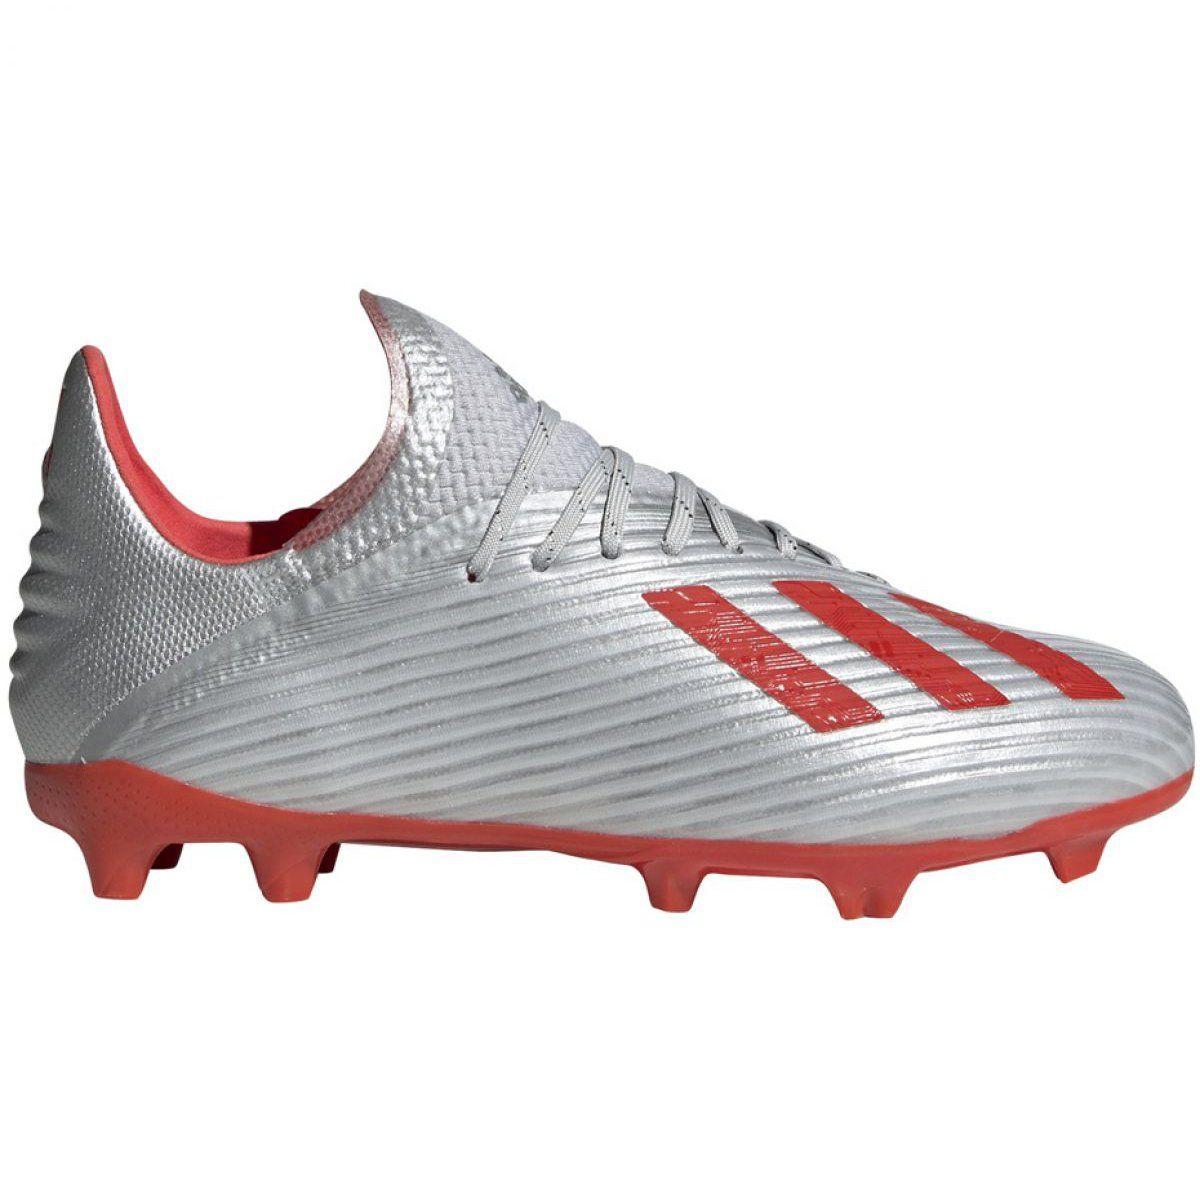 Football Boots Adidas X 19 1 Fg Jr F35683 Grey Grey Football Boots Adidas Football Football